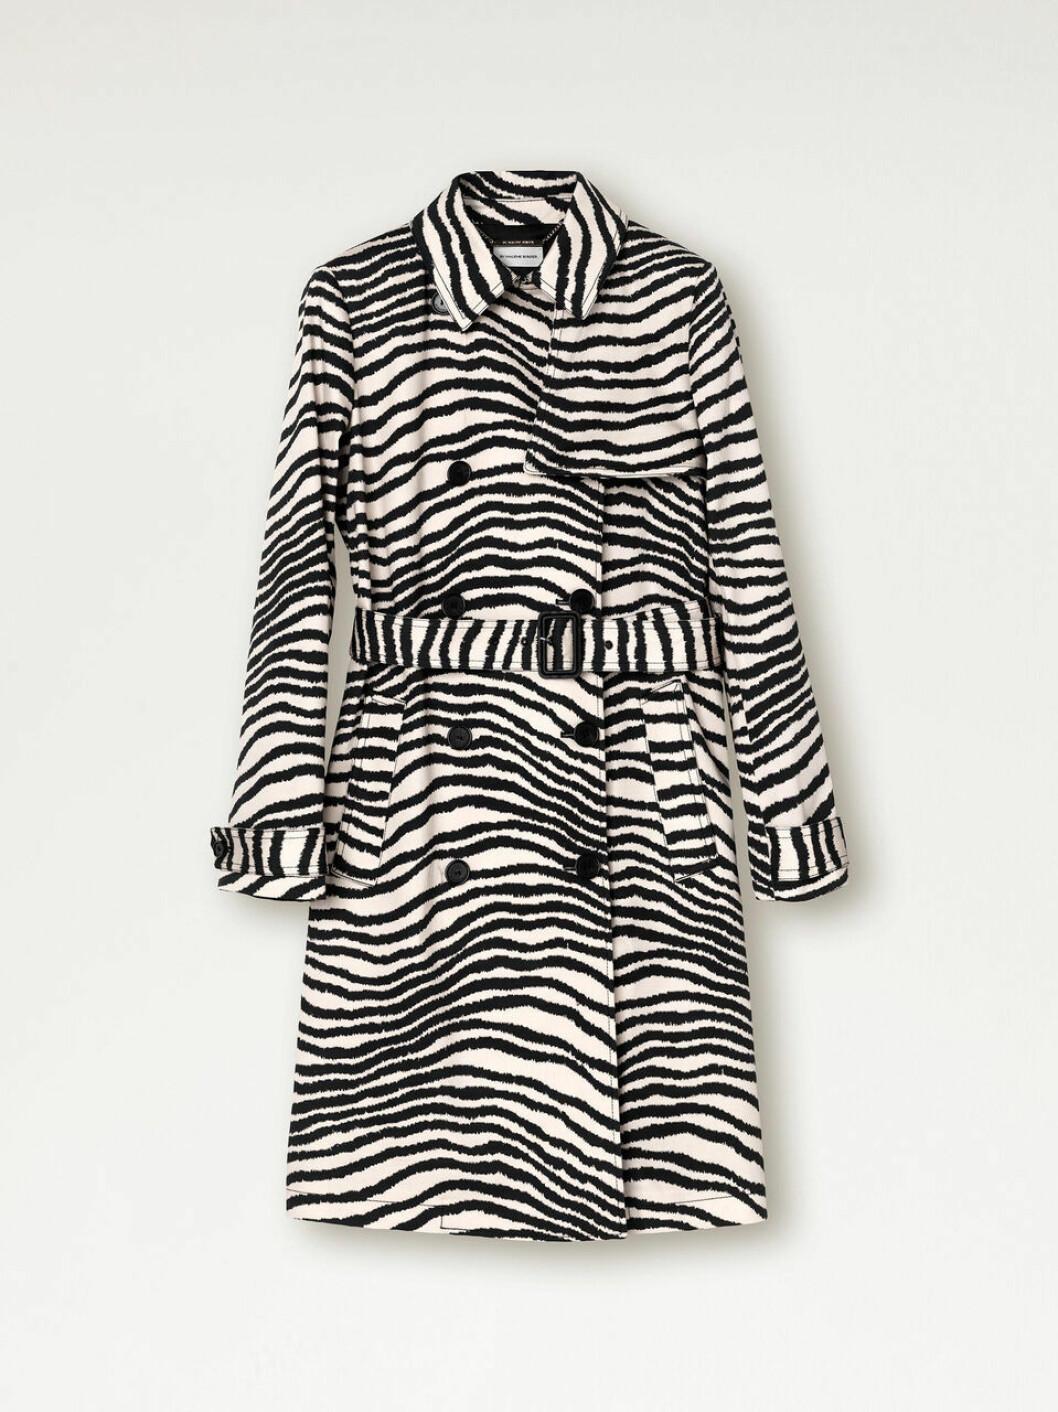 Trendig kappa i zebramönster och en fin avslappnad passform från By Malene Birger via Wakakuu.